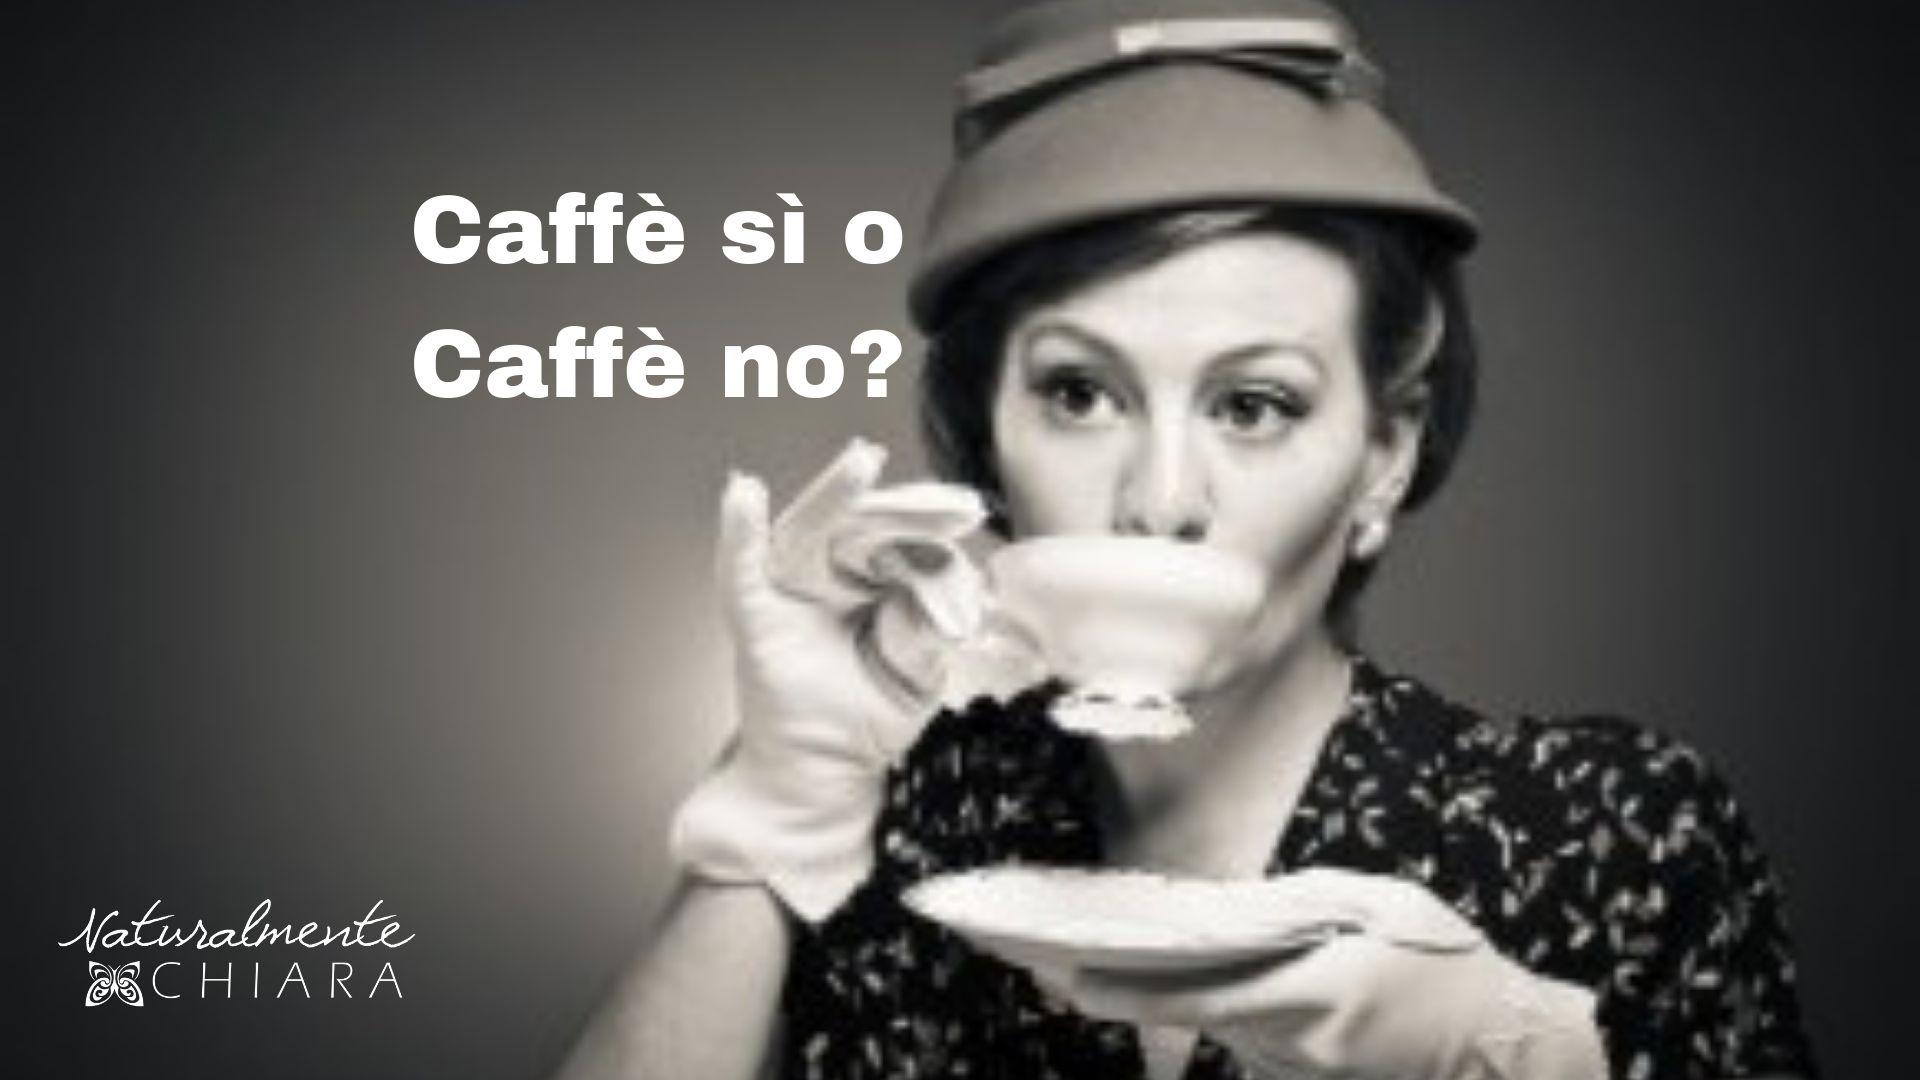 Caffè Sì o Caffè No? Cosa succede quando riduci il consumo di caffeina